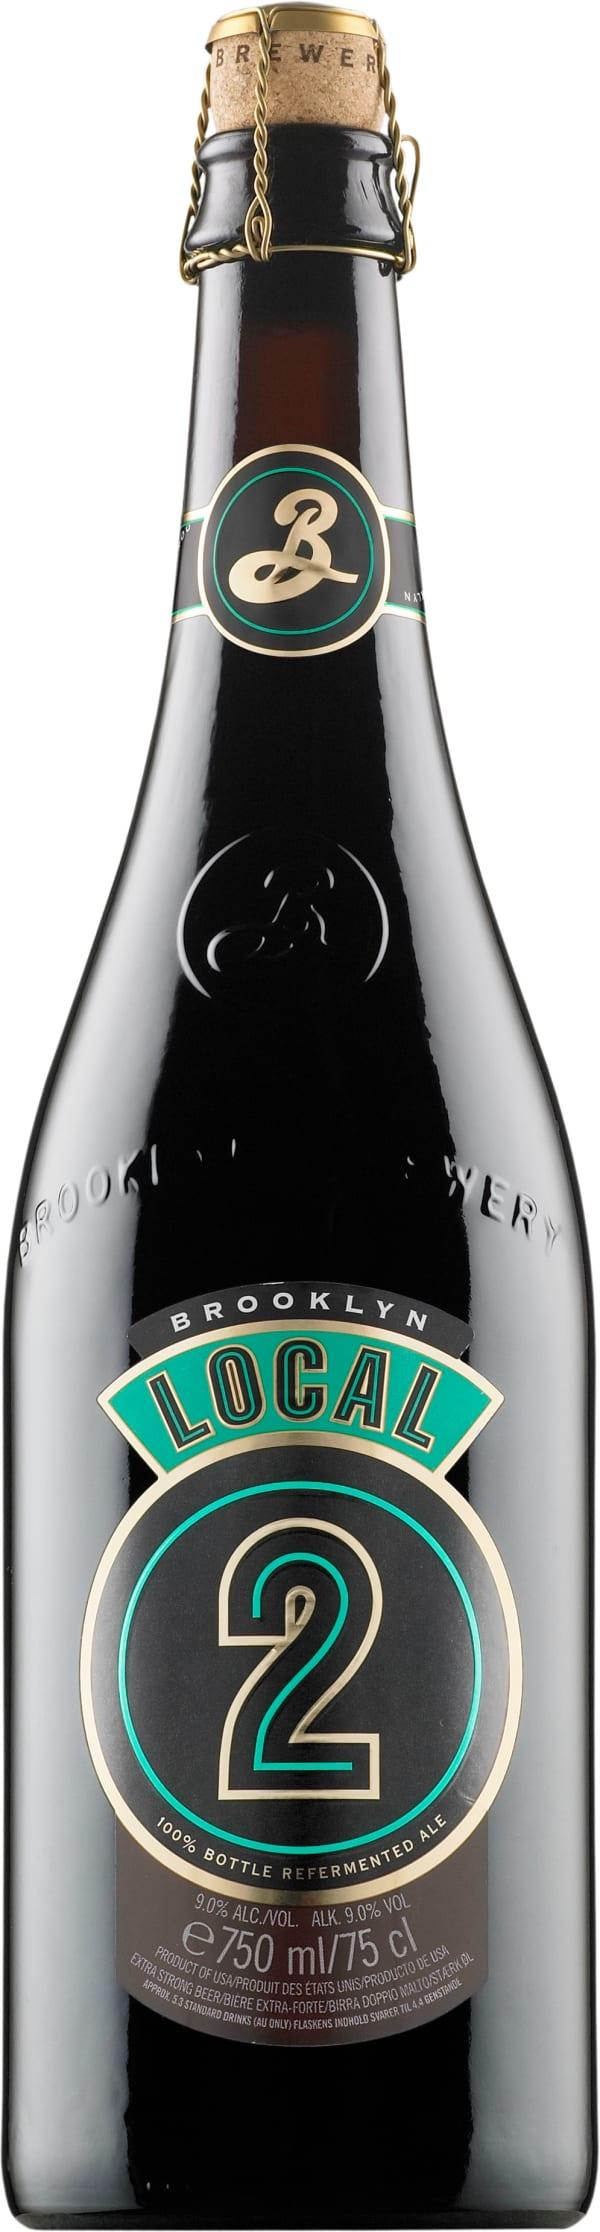 Brooklyn Local 2